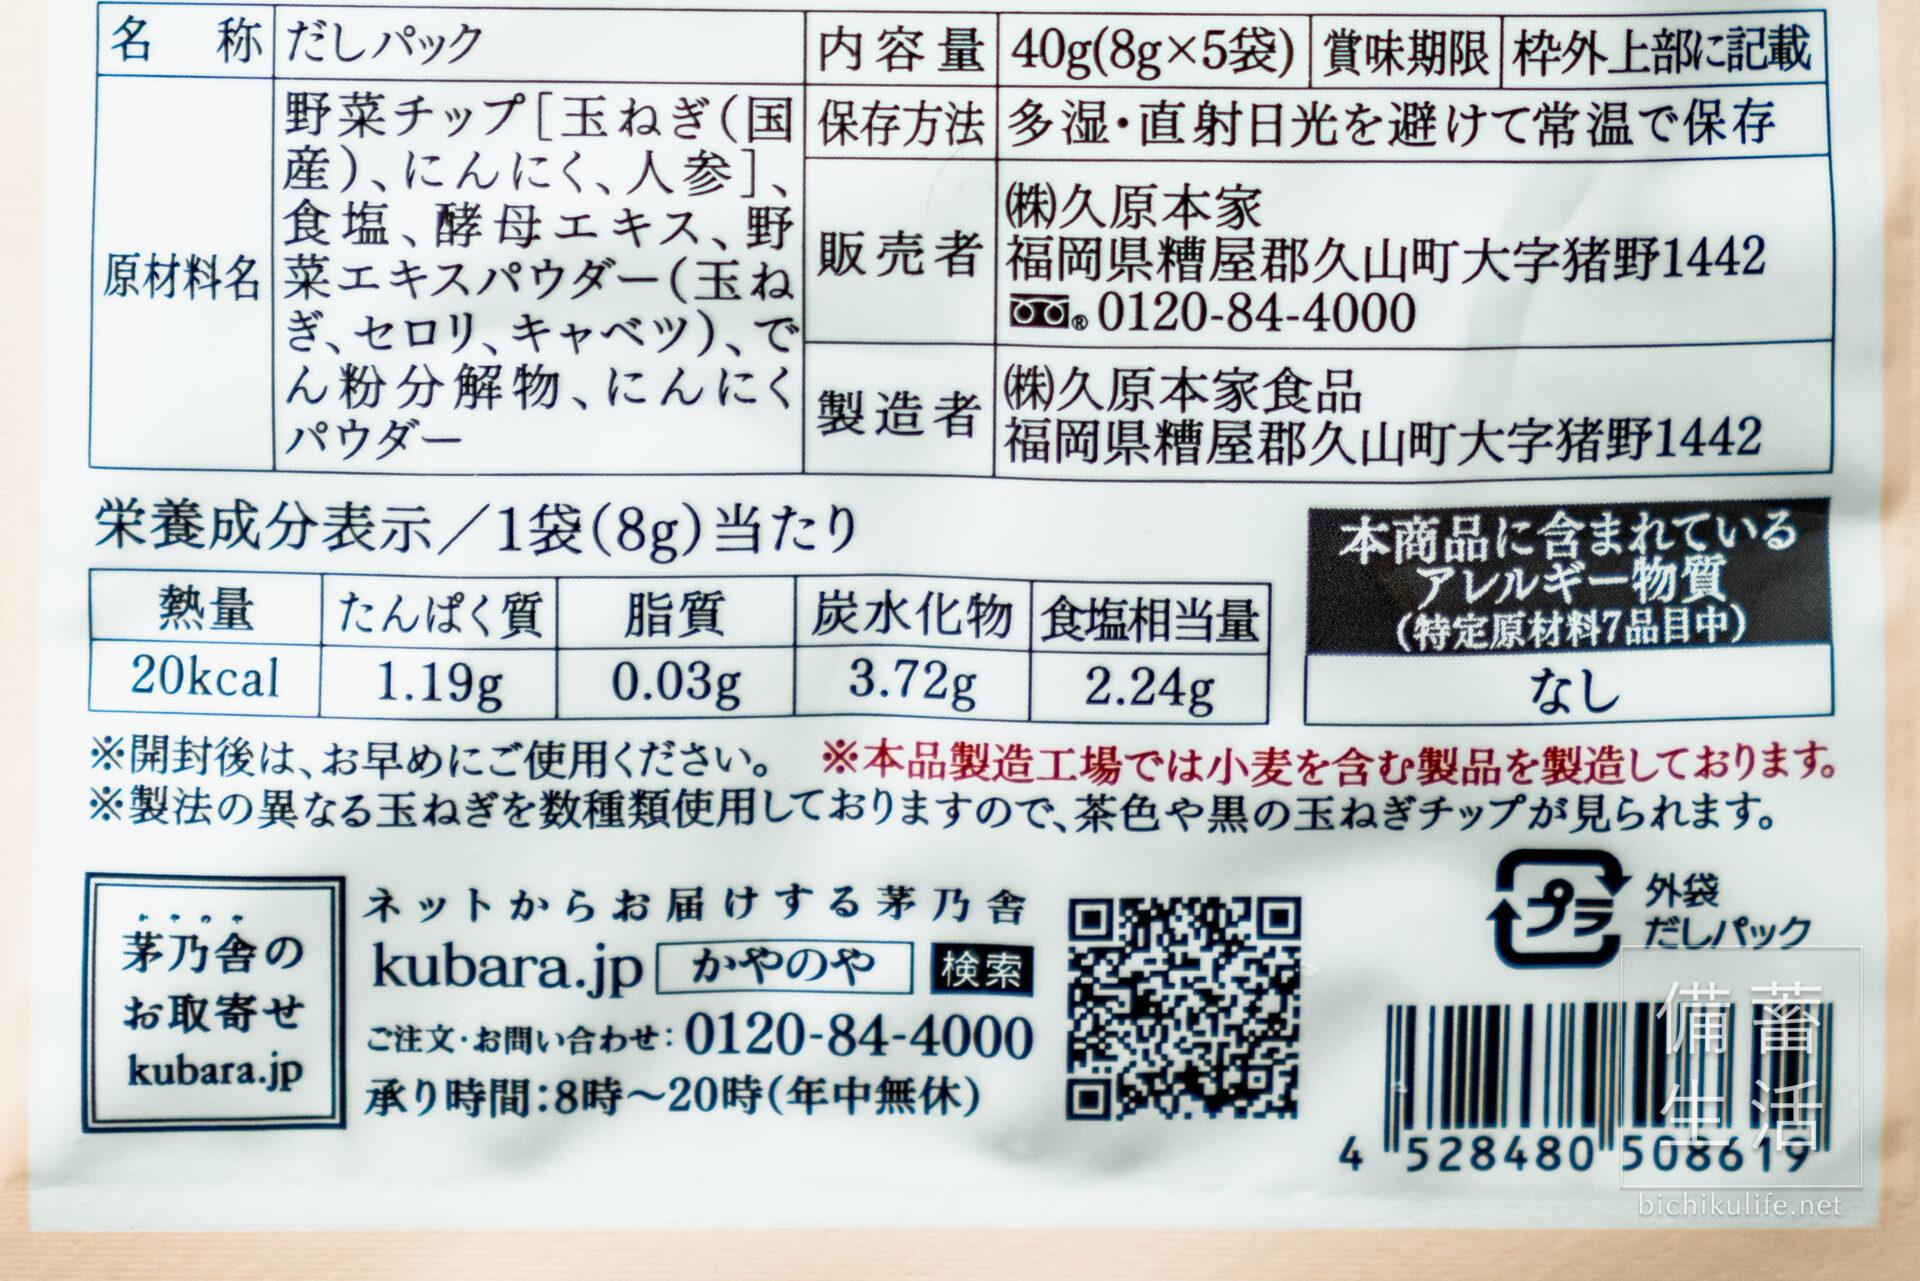 茅乃舎の野菜だしの商品概要・栄養成分表示